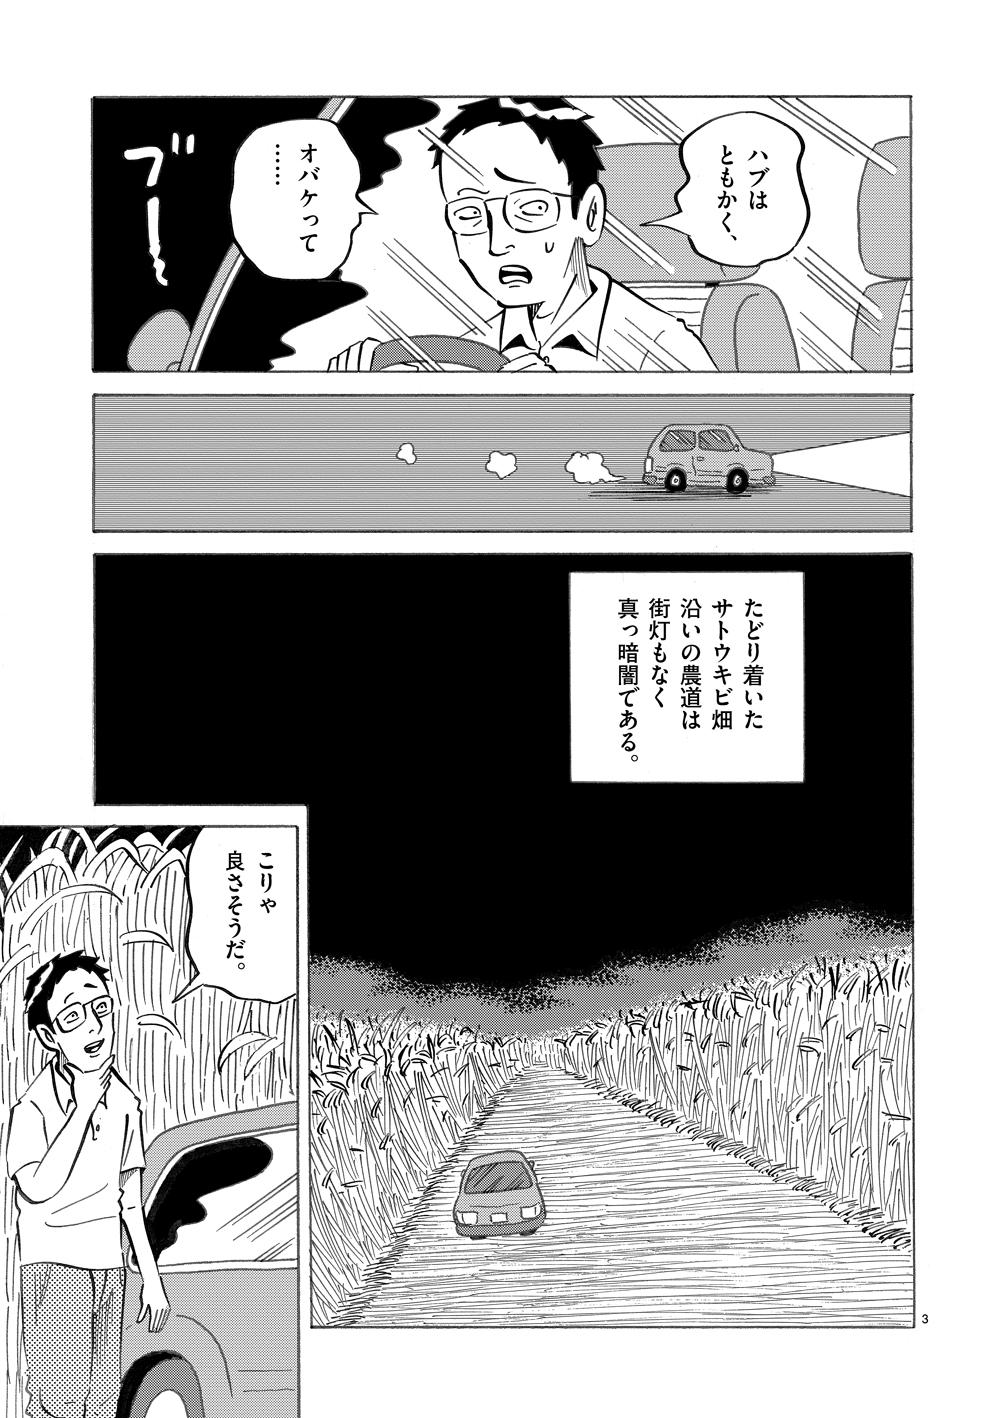 琉球怪談 【第7話】WEB掲載3ページ目画像